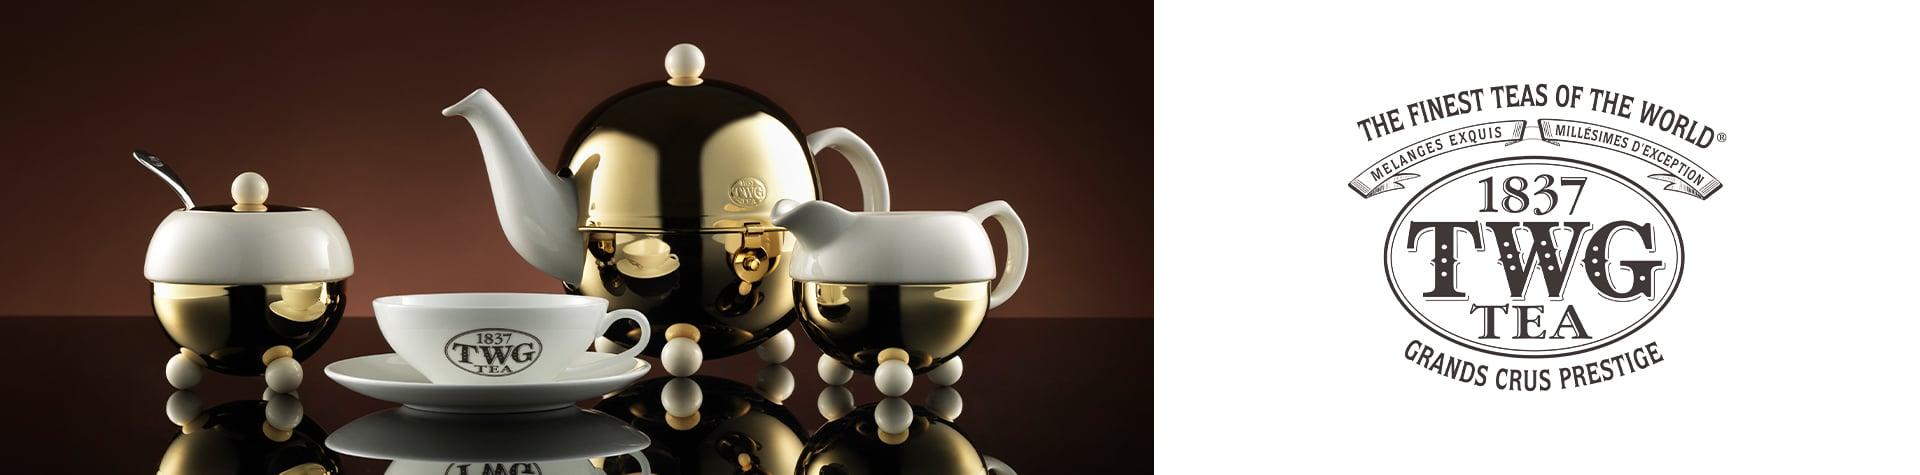 twg tea products